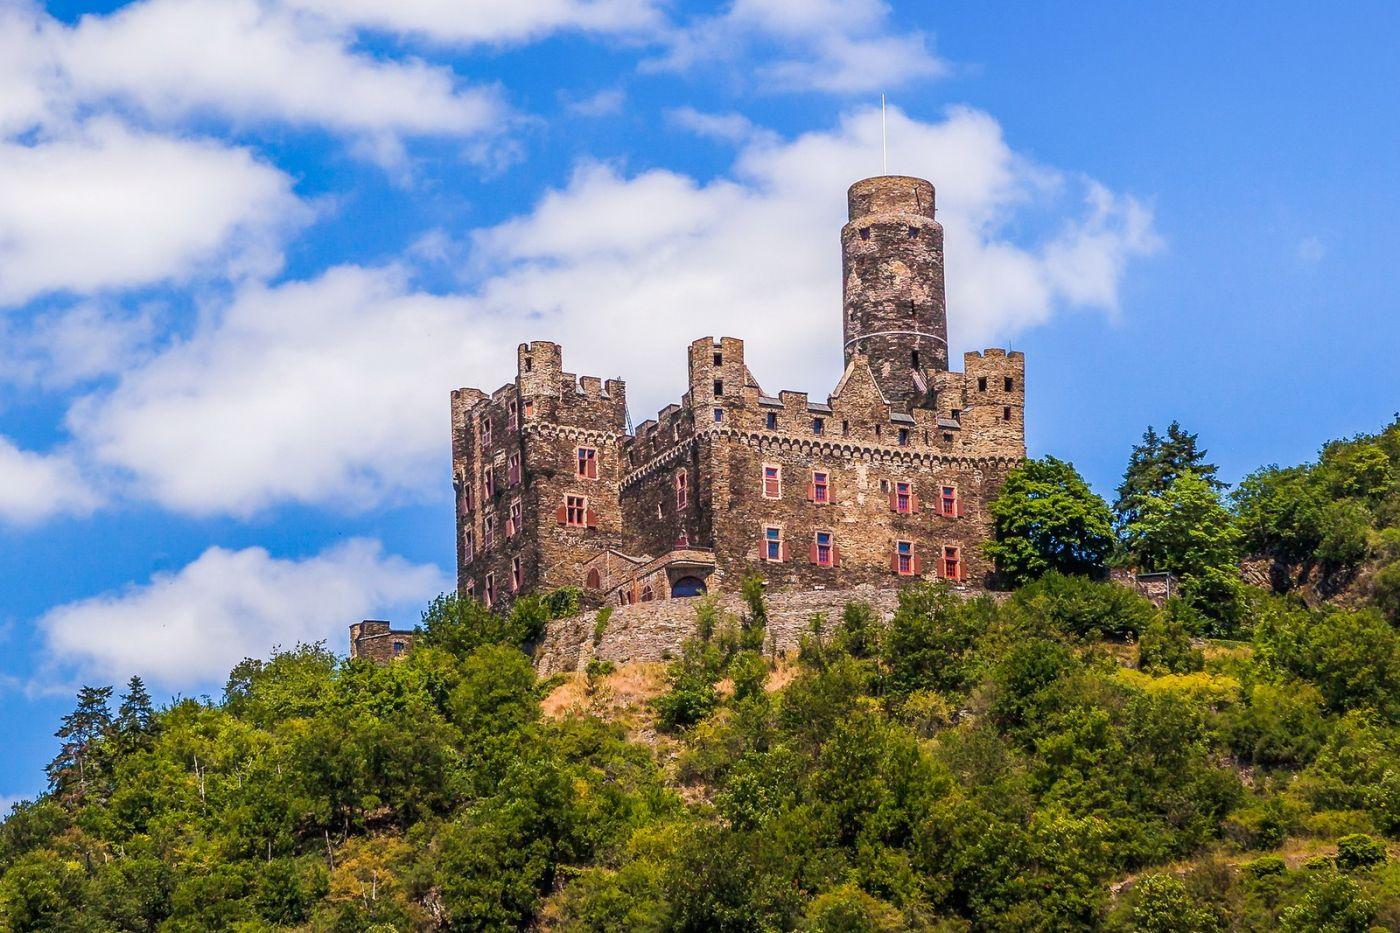 畅游莱茵河,山腰间的城堡_图1-19